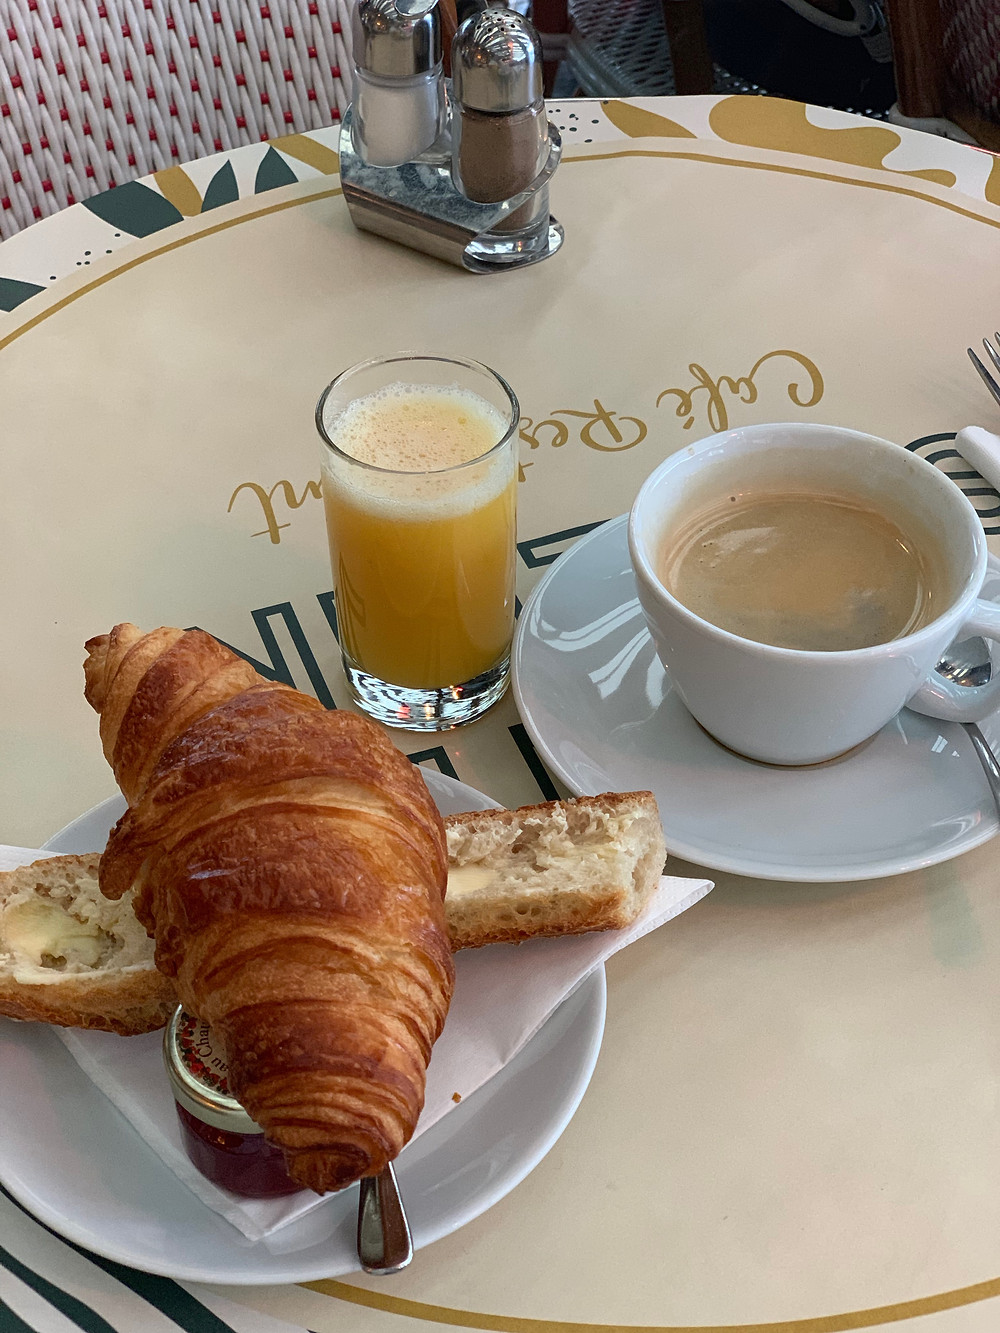 Croissant, kahve, reçel, tereyağlı ekmek